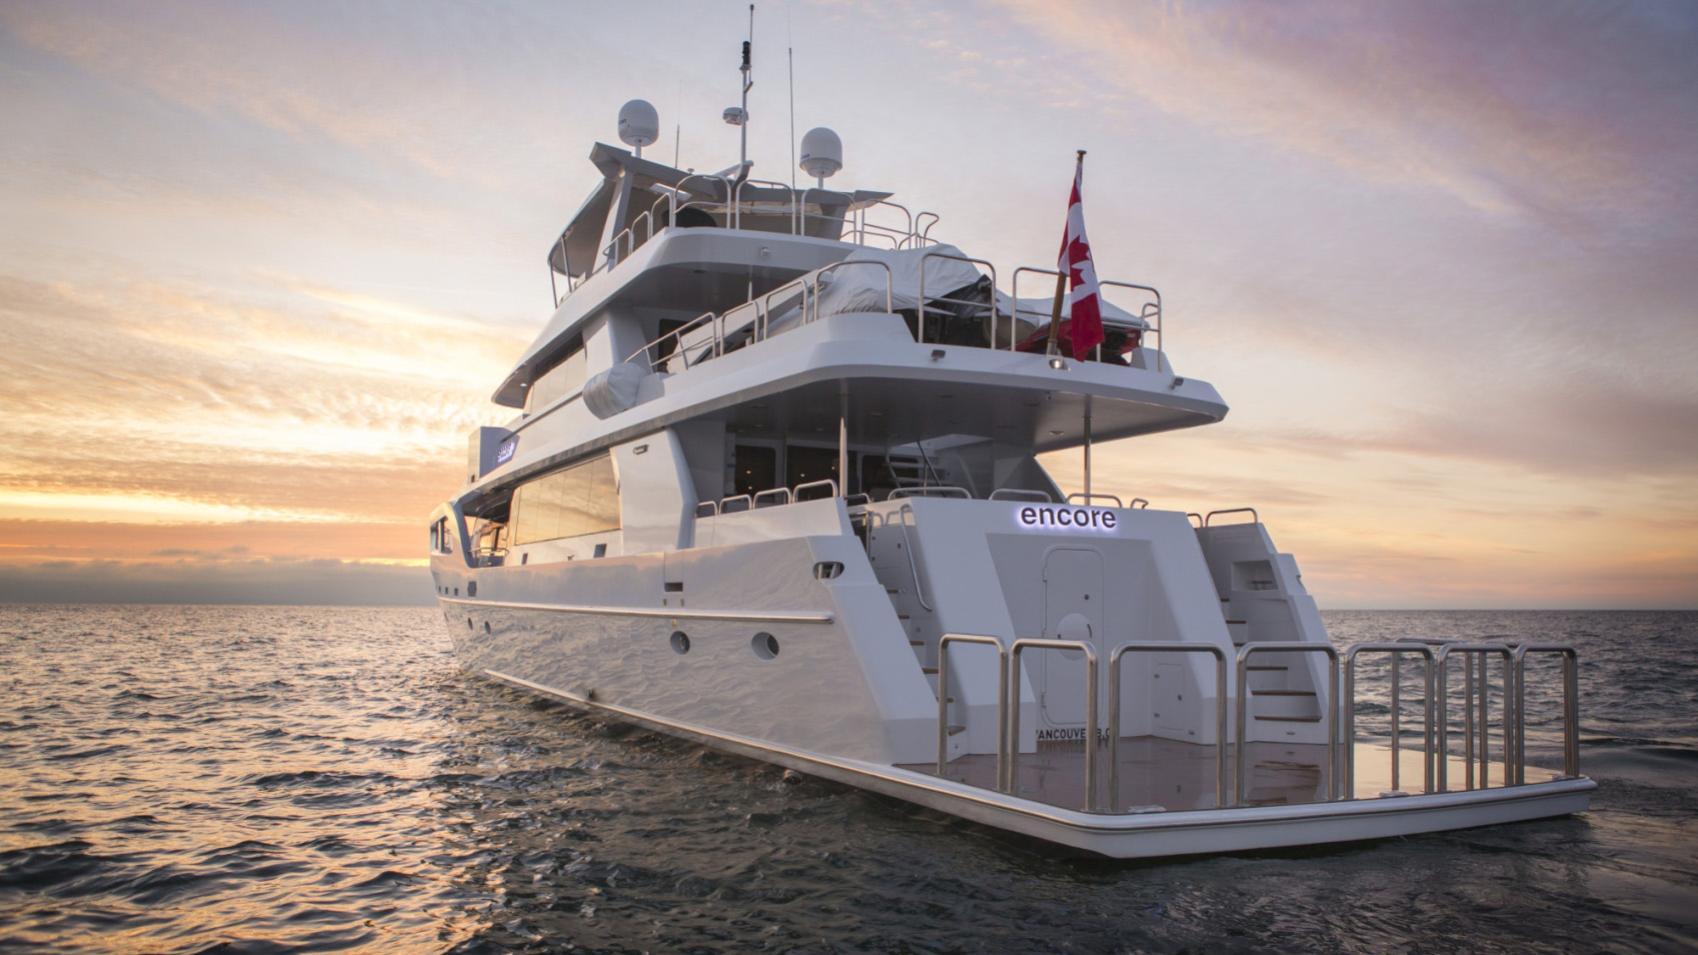 Encore motor yacht stern